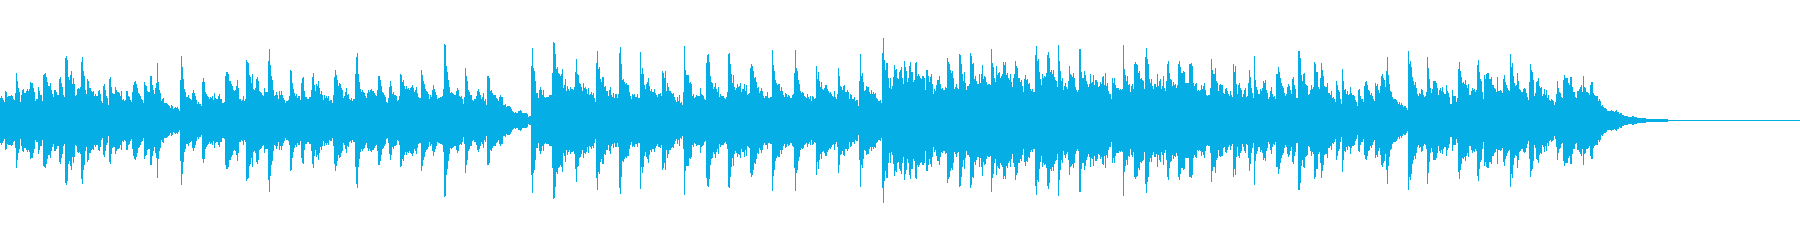 【1分版】やさしい癒し系ピアノの再生済みの波形